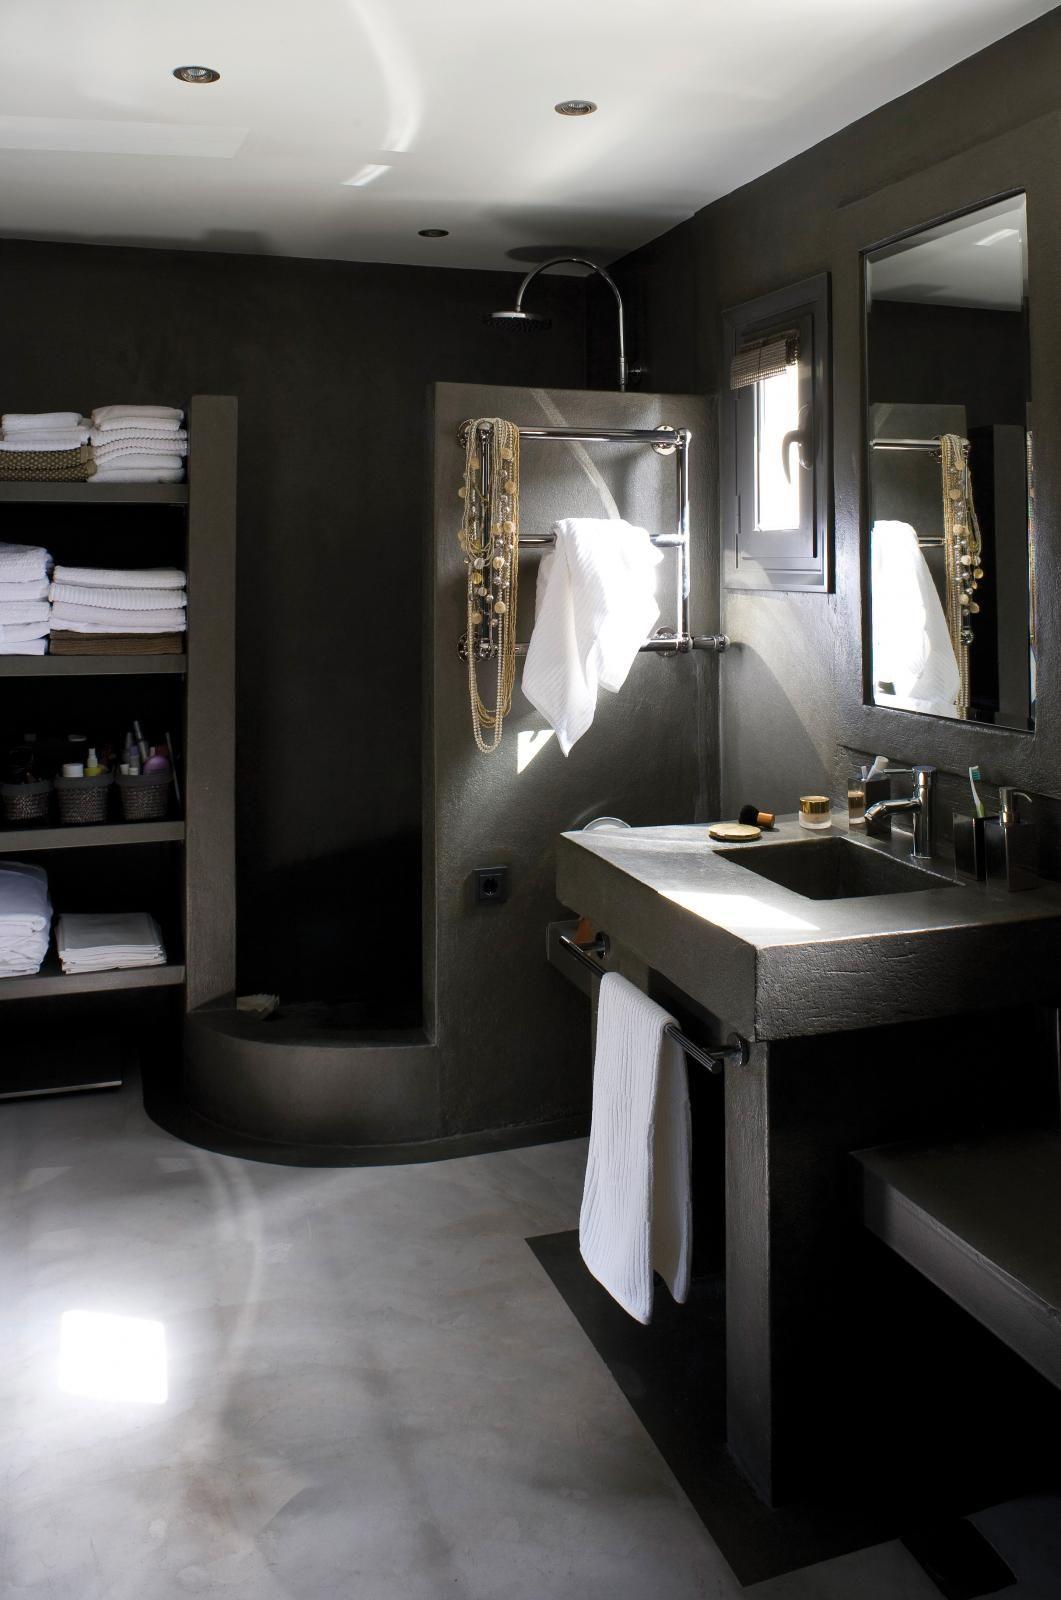 Maison de r ve vue sur la m diterran e salles de bains bathroom dream bathrooms ve home spa - Maison de la mediterranee ...